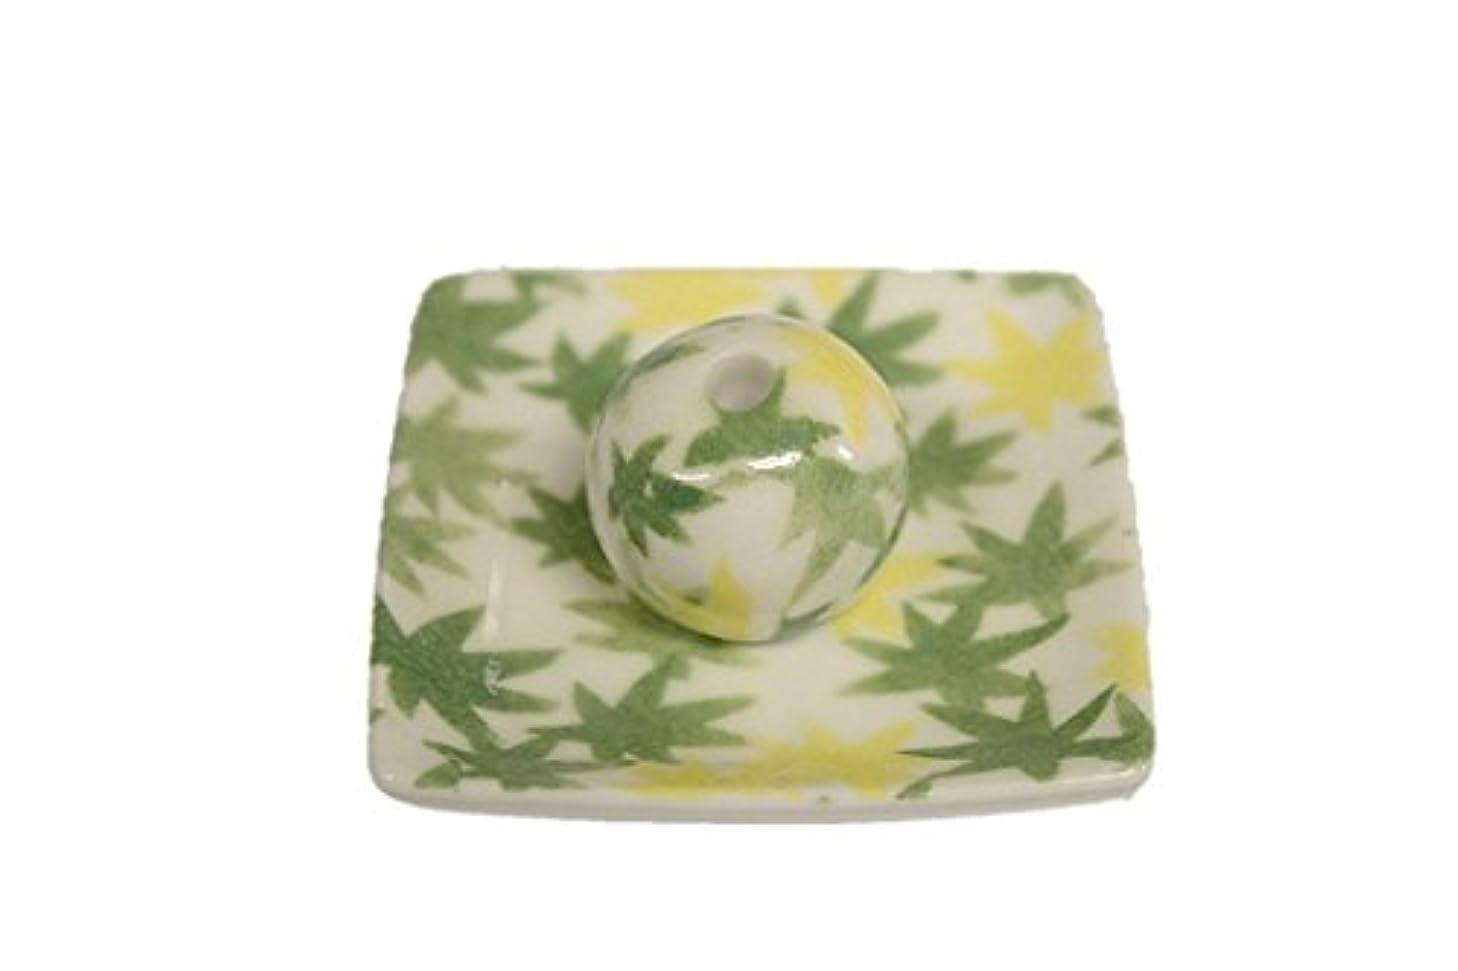 扱うびんヒョウ和路 緑 小角皿 お香立て 陶器 ACSWEBSHOPオリジナル